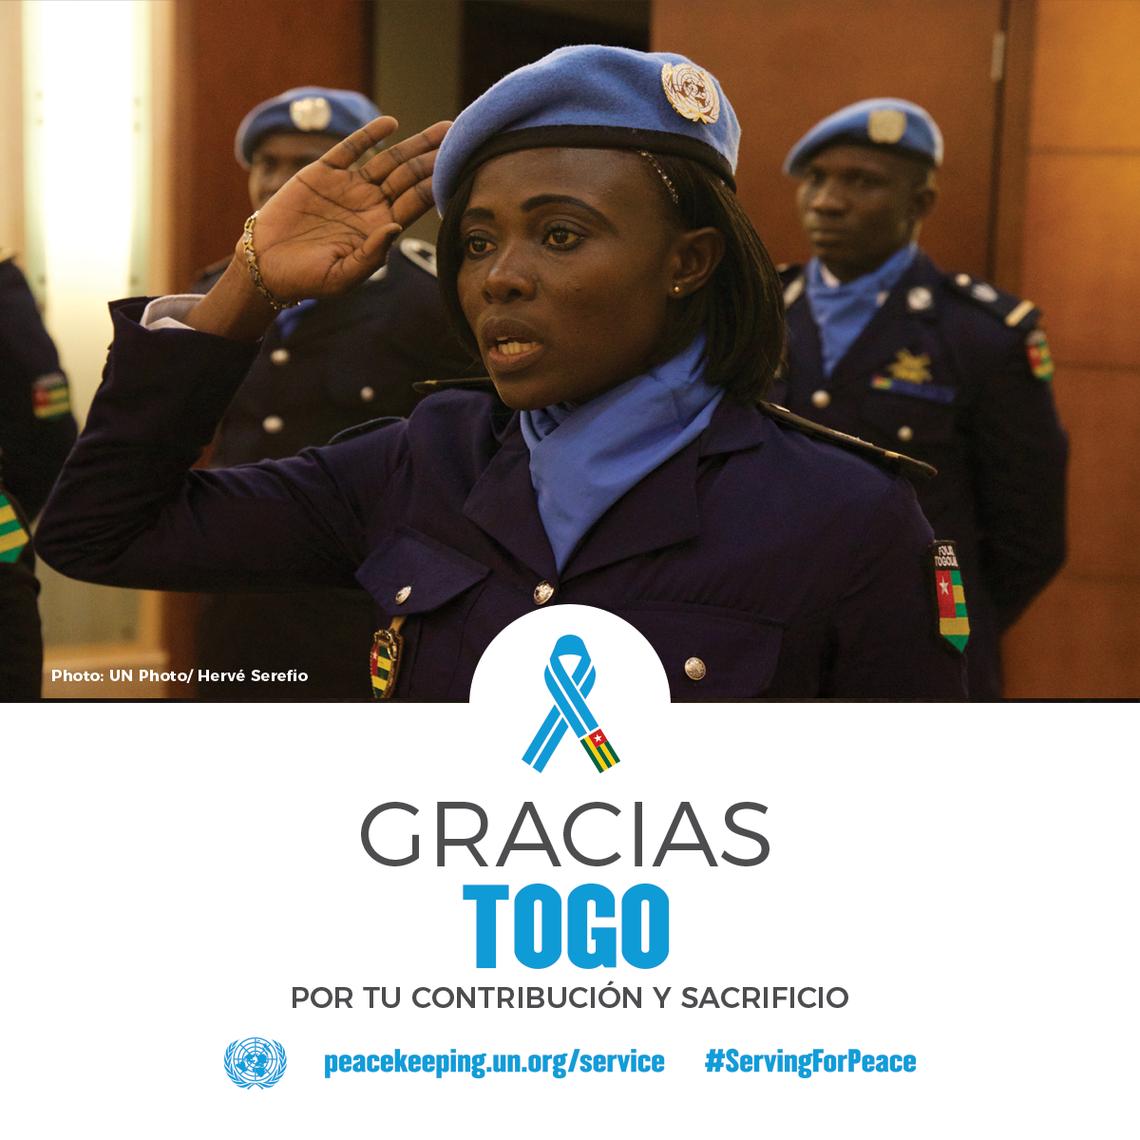 Gracias Togo